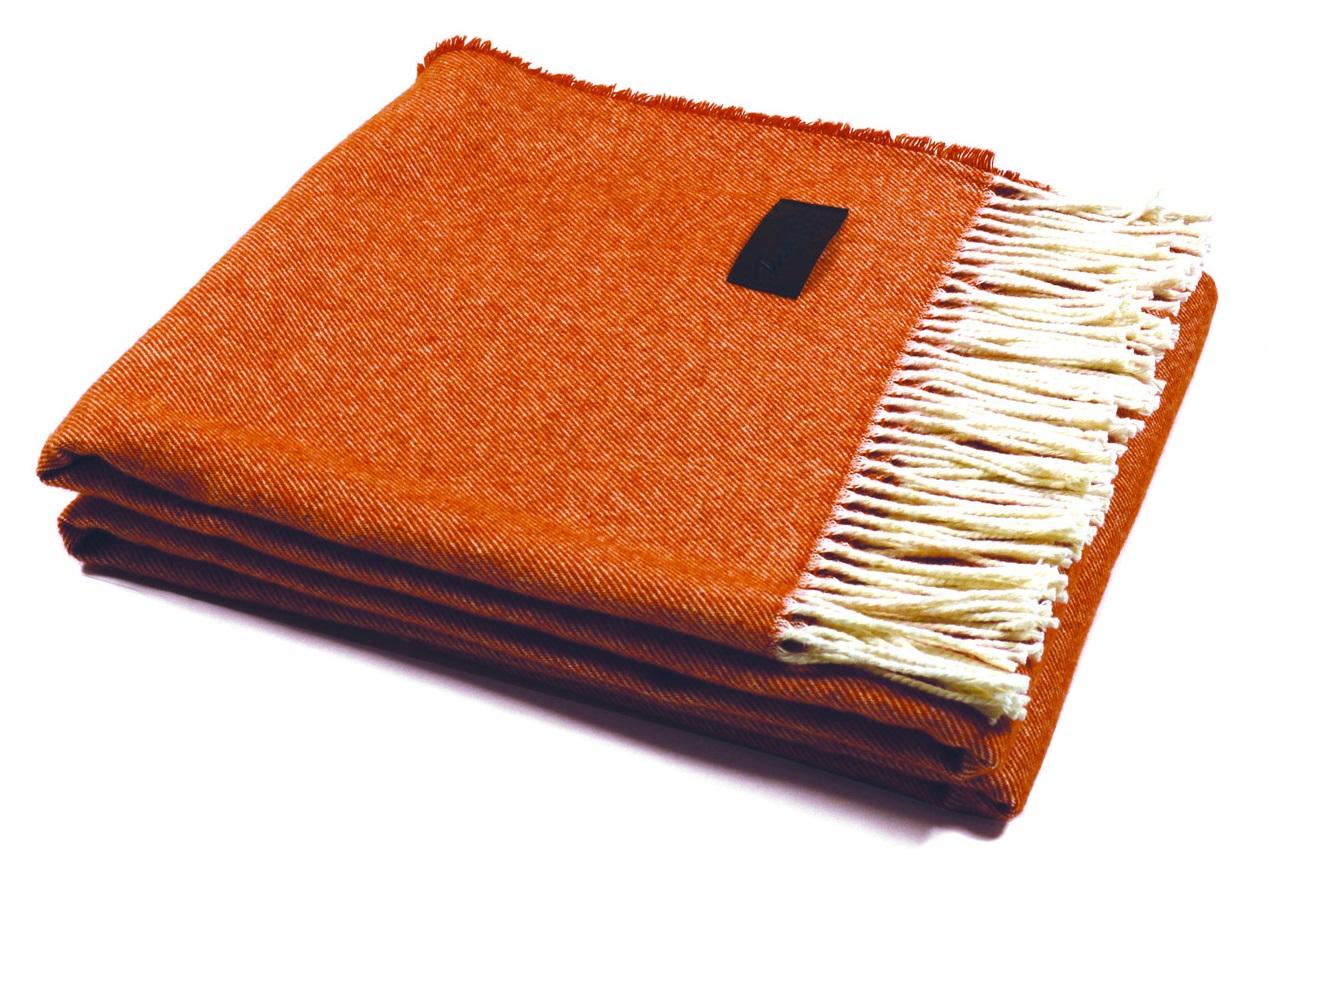 Плед LiverpoolПледы со смешанным составом<br>Современный и оригинальный плед изготовлен  в соответствии с высочайшими стандартами качества. Текстура ткани придает изделию особую ценность.&amp;amp;nbsp;&amp;lt;div&amp;gt;&amp;lt;br&amp;gt;&amp;lt;/div&amp;gt;&amp;lt;div&amp;gt;Размер: 130 / 180                                                                                                                    Состав: 90% шерсть, 10% хлопок&amp;amp;nbsp;&amp;lt;/div&amp;gt;&amp;lt;div&amp;gt;Уход: сухая чистка, химчистка                                                                     &amp;lt;/div&amp;gt;<br><br>Material: Шерсть<br>Ширина см: 130.0<br>Высота см: 0.3<br>Глубина см: 180.0